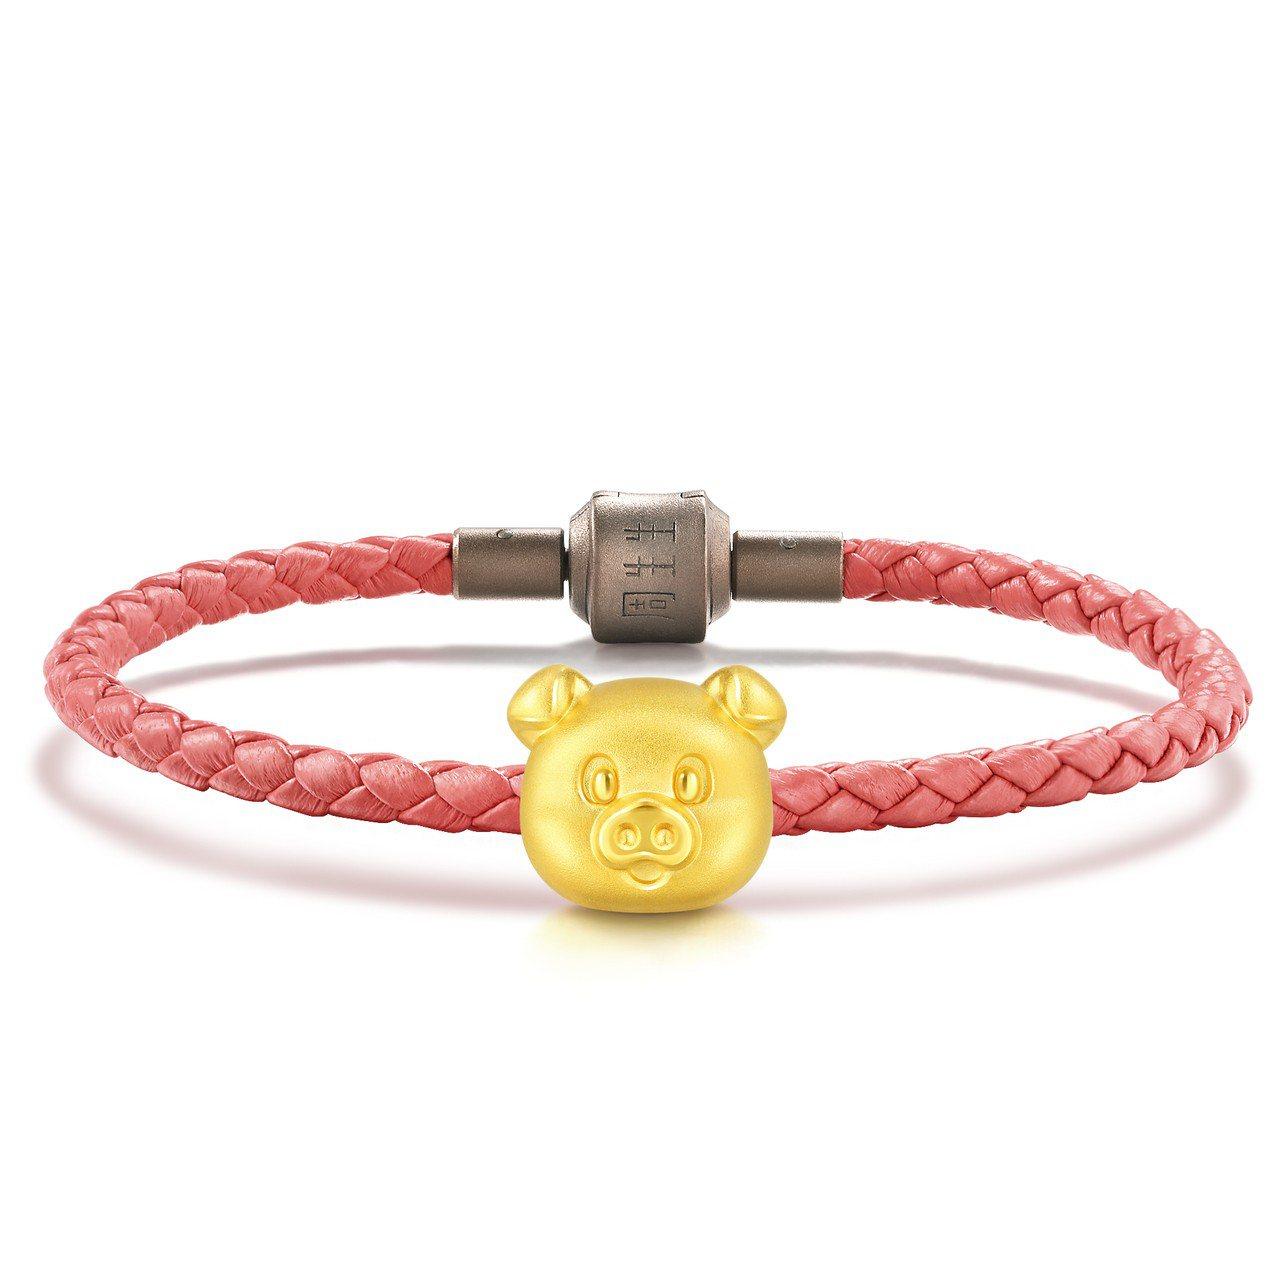 點睛品Charme可愛系列足金串飾附皮繩,4,800元。圖/點睛品提供